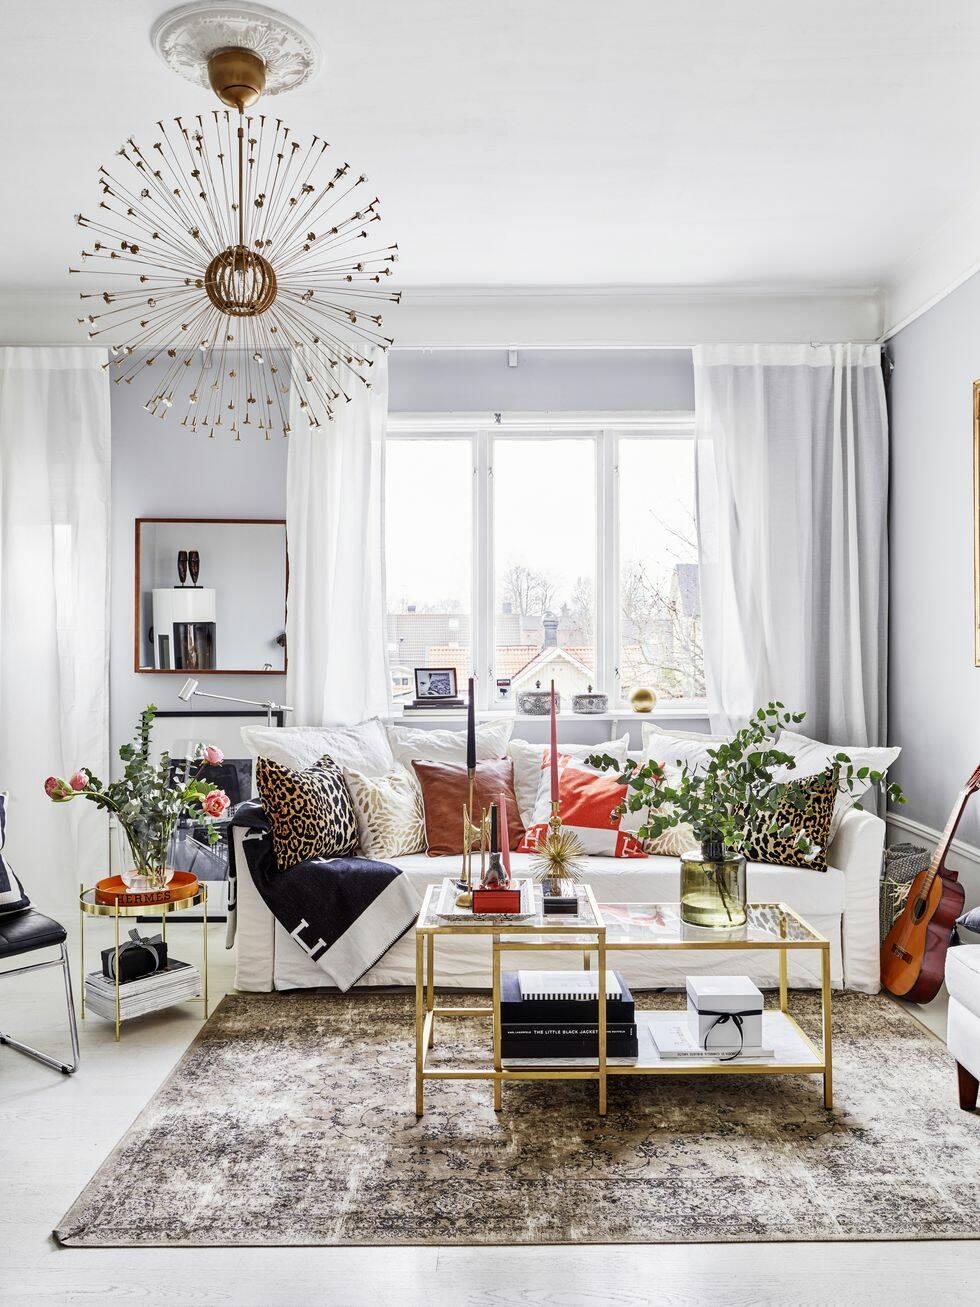 Det här hemmet visar hur du inreder exklusivt – med enkla medel